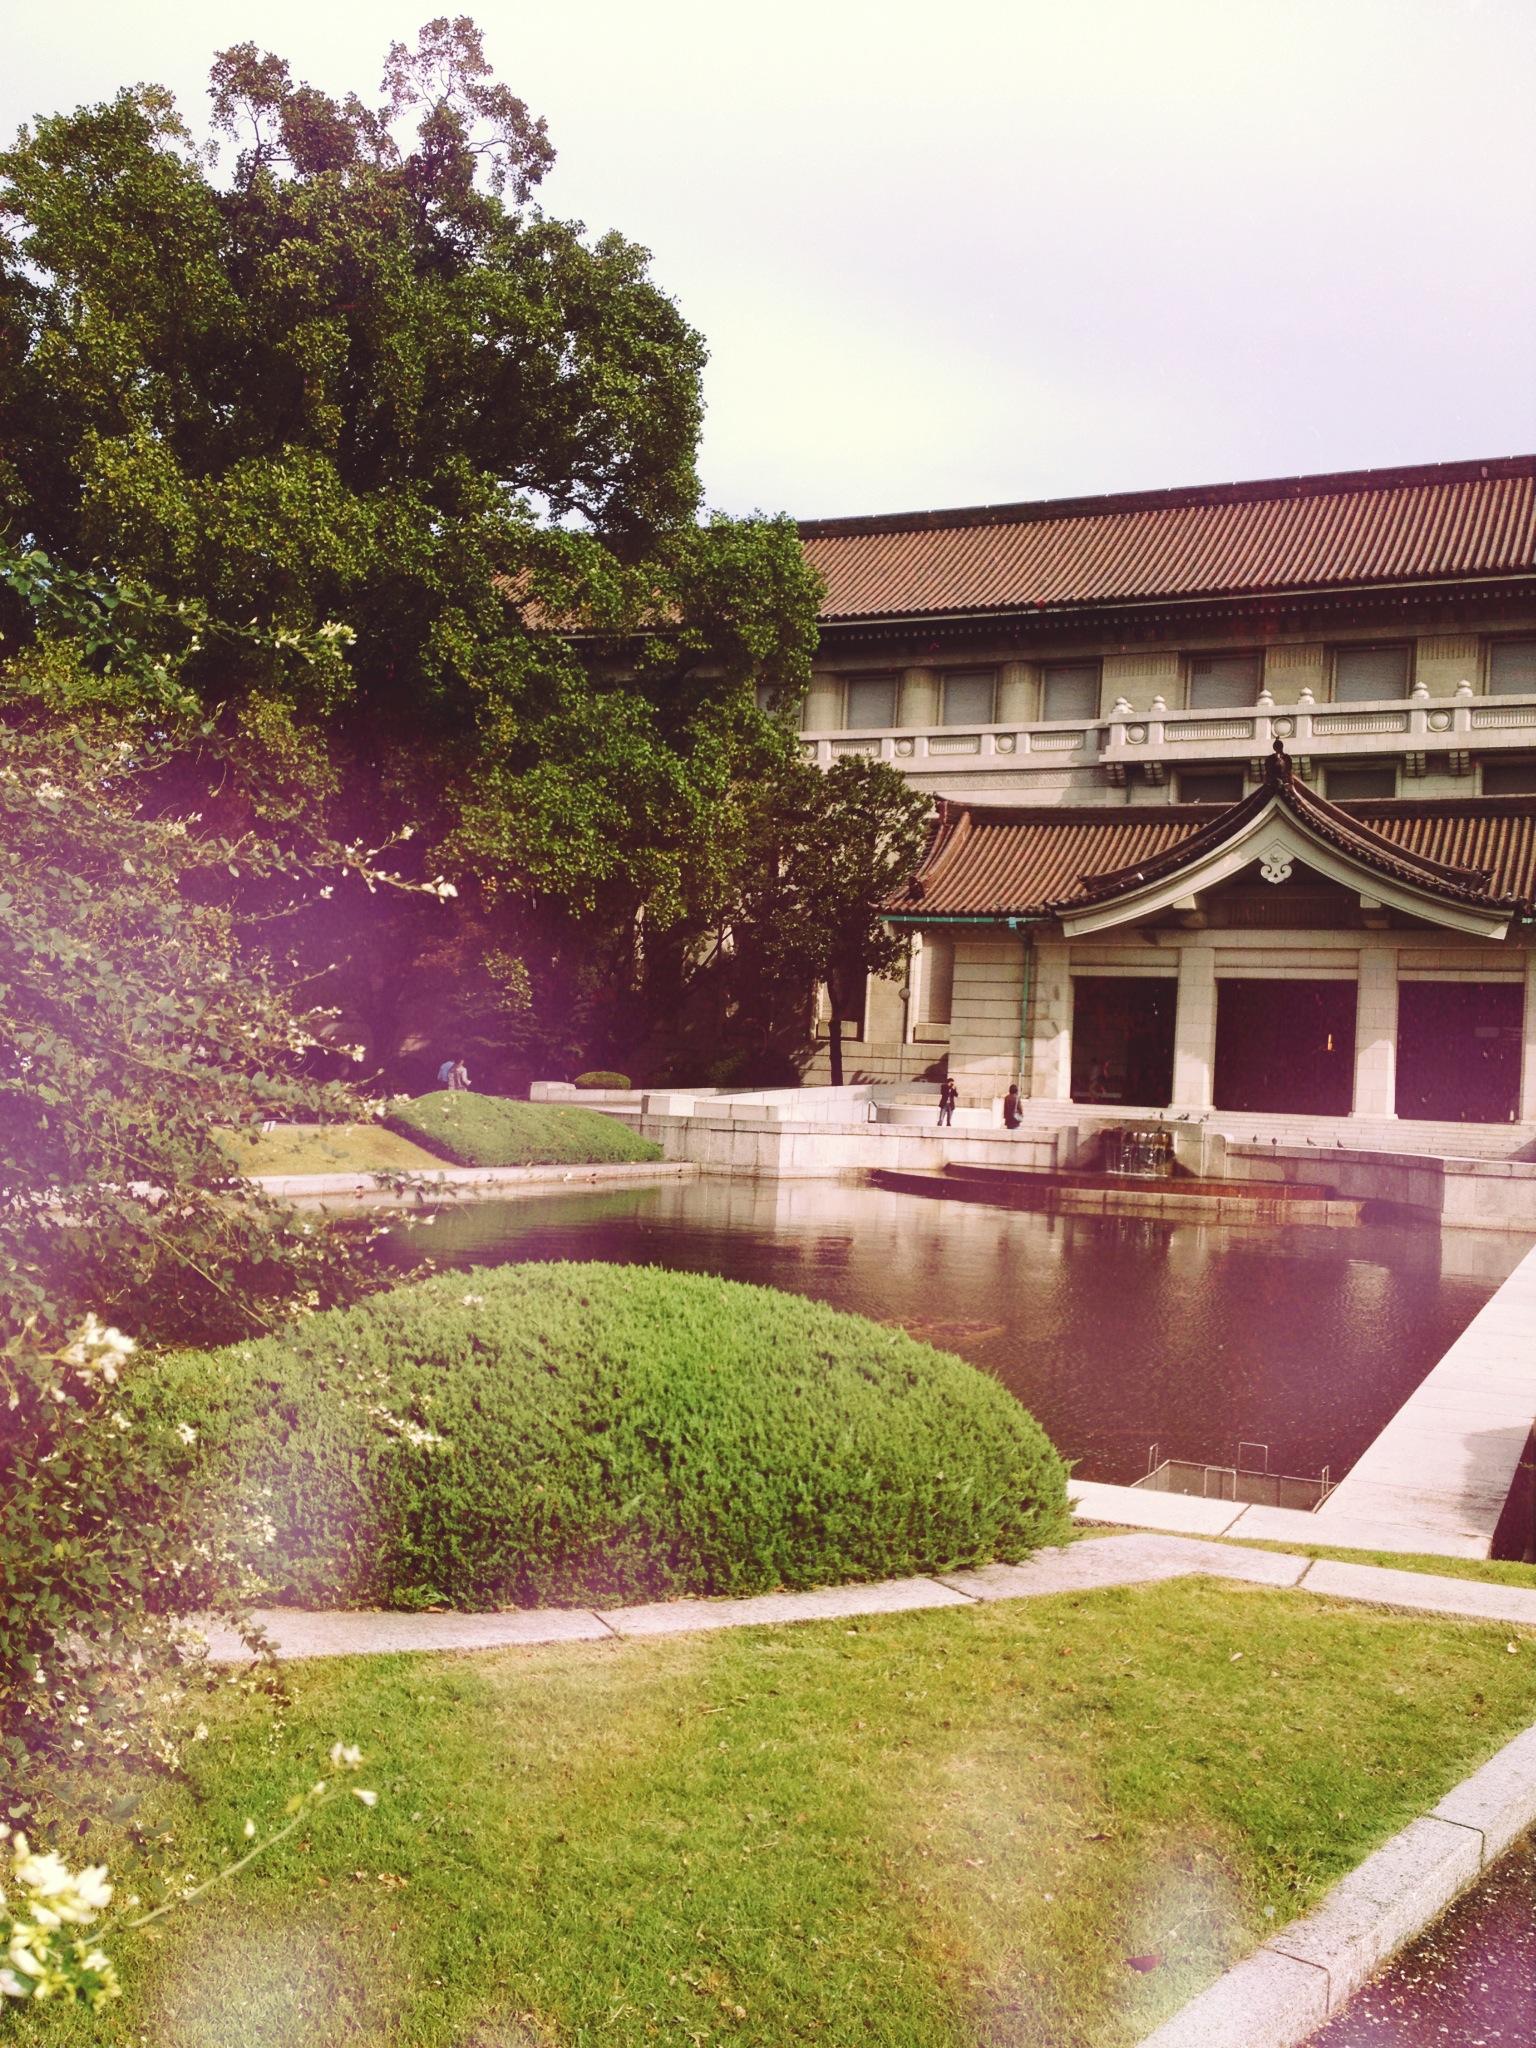 Japan National Art Museum